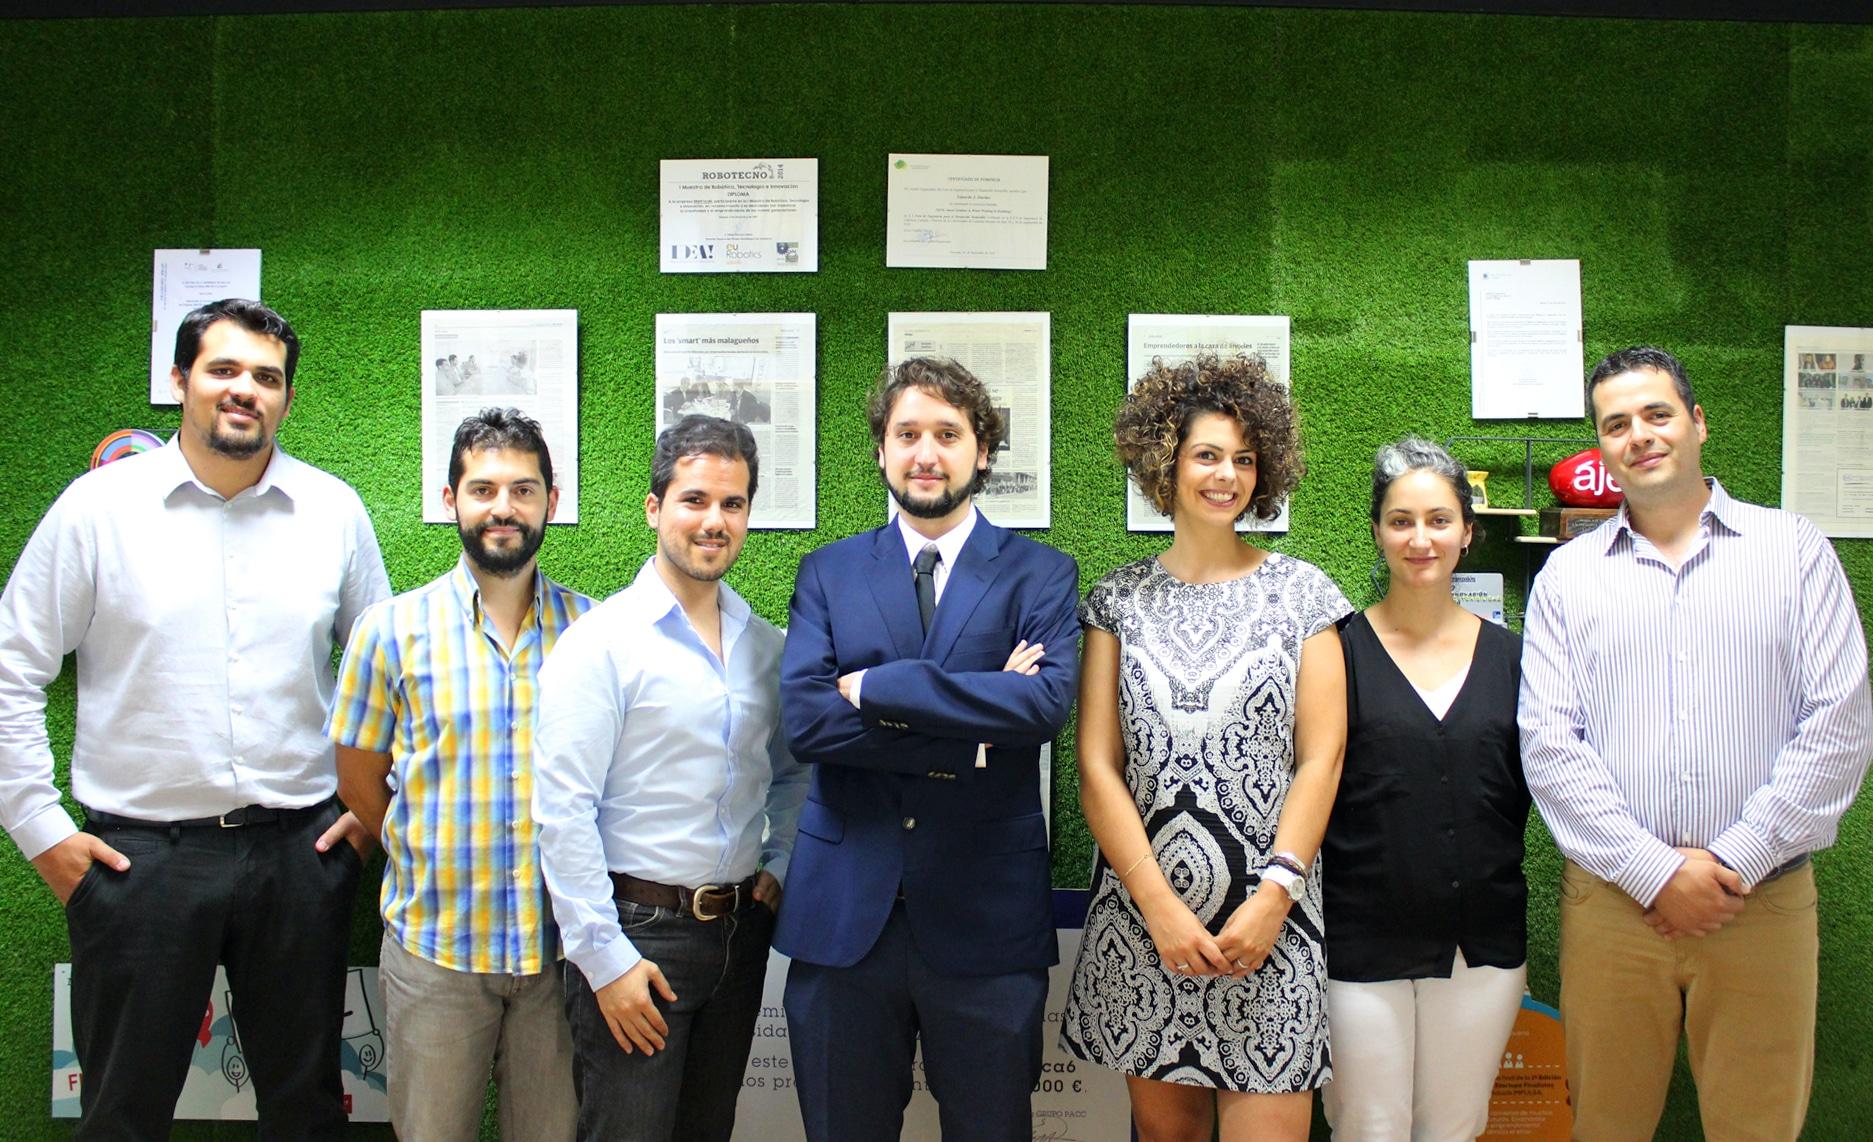 La misión de Métrica6 equipo Diseño de producto, desarrollo, I+D+i, innovación, ingeniería, consultoría